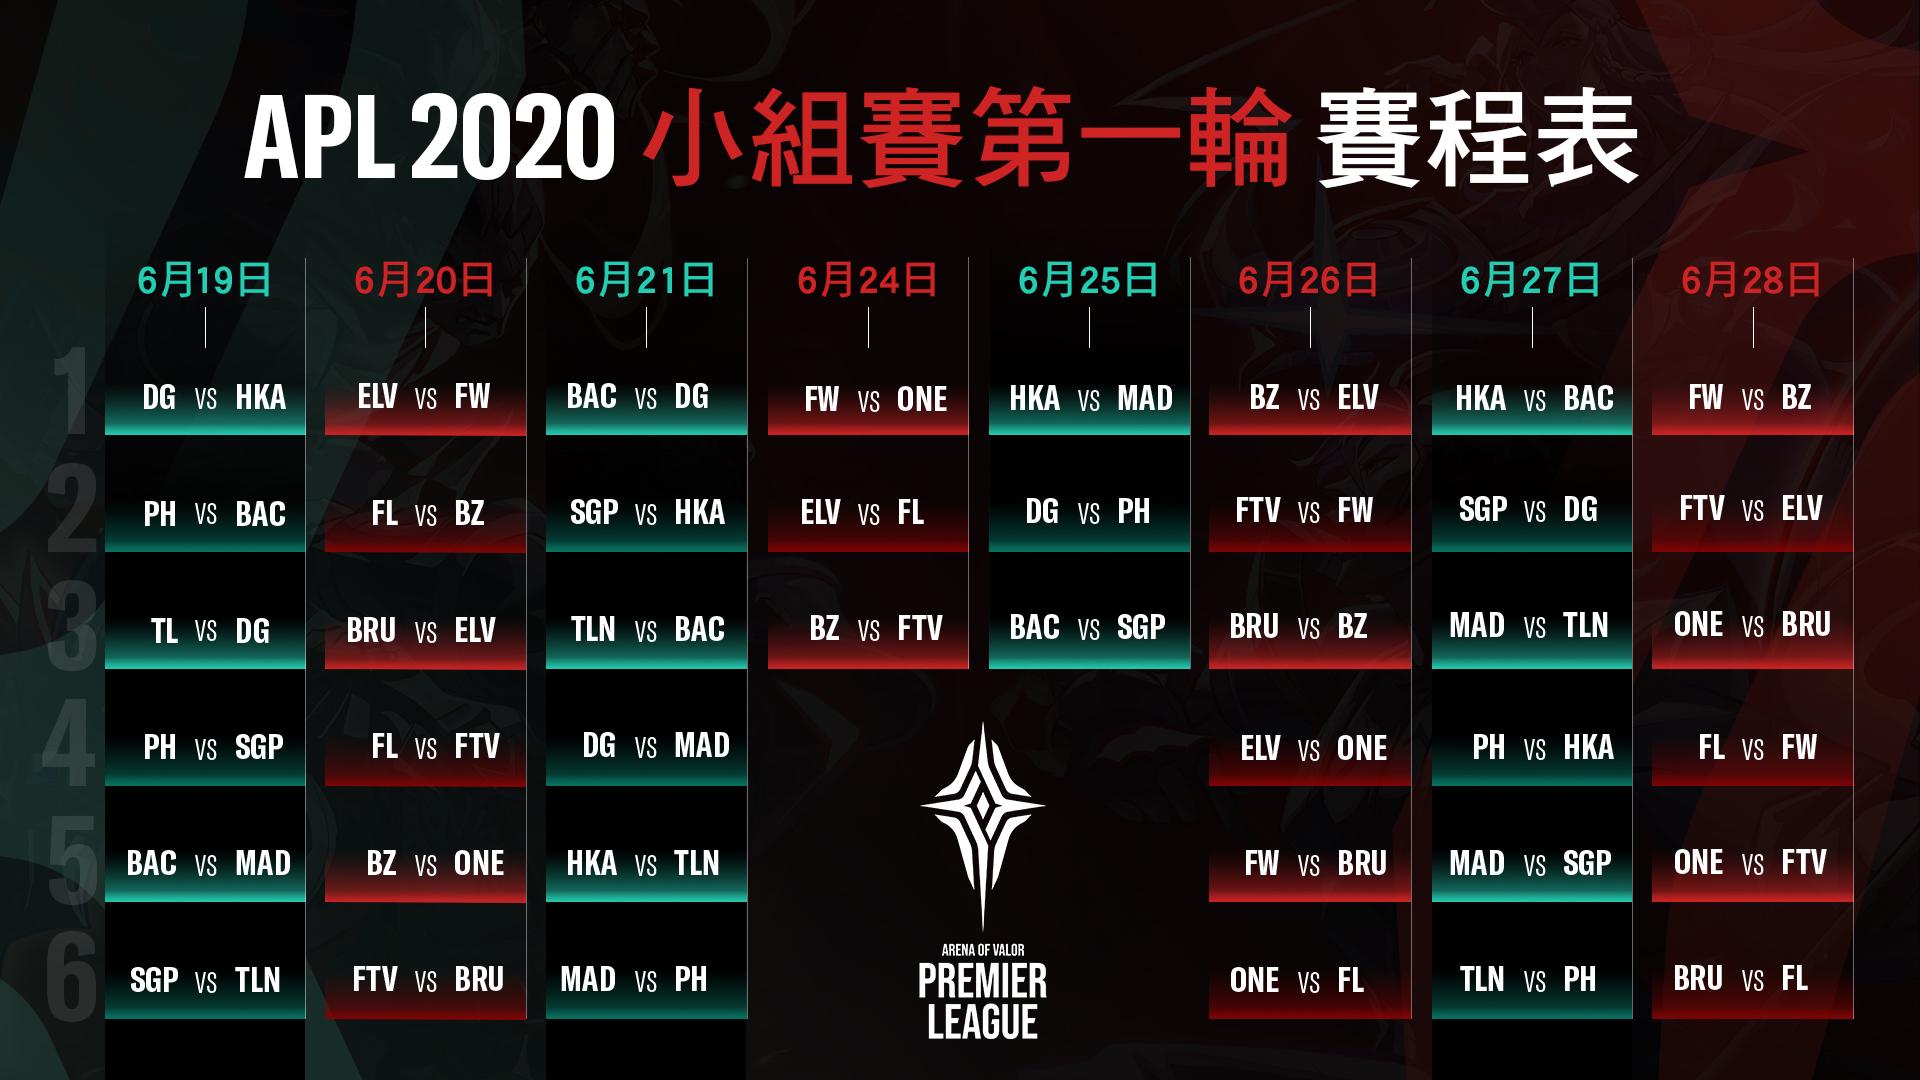 ▲APL 2020小組賽第一輪賽程表出爐